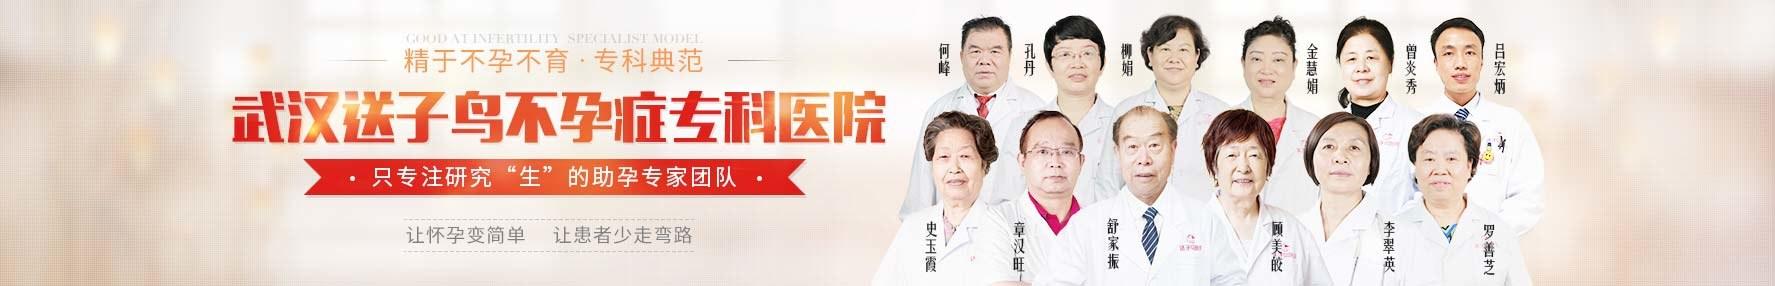 武汉治疗不孕不育医院